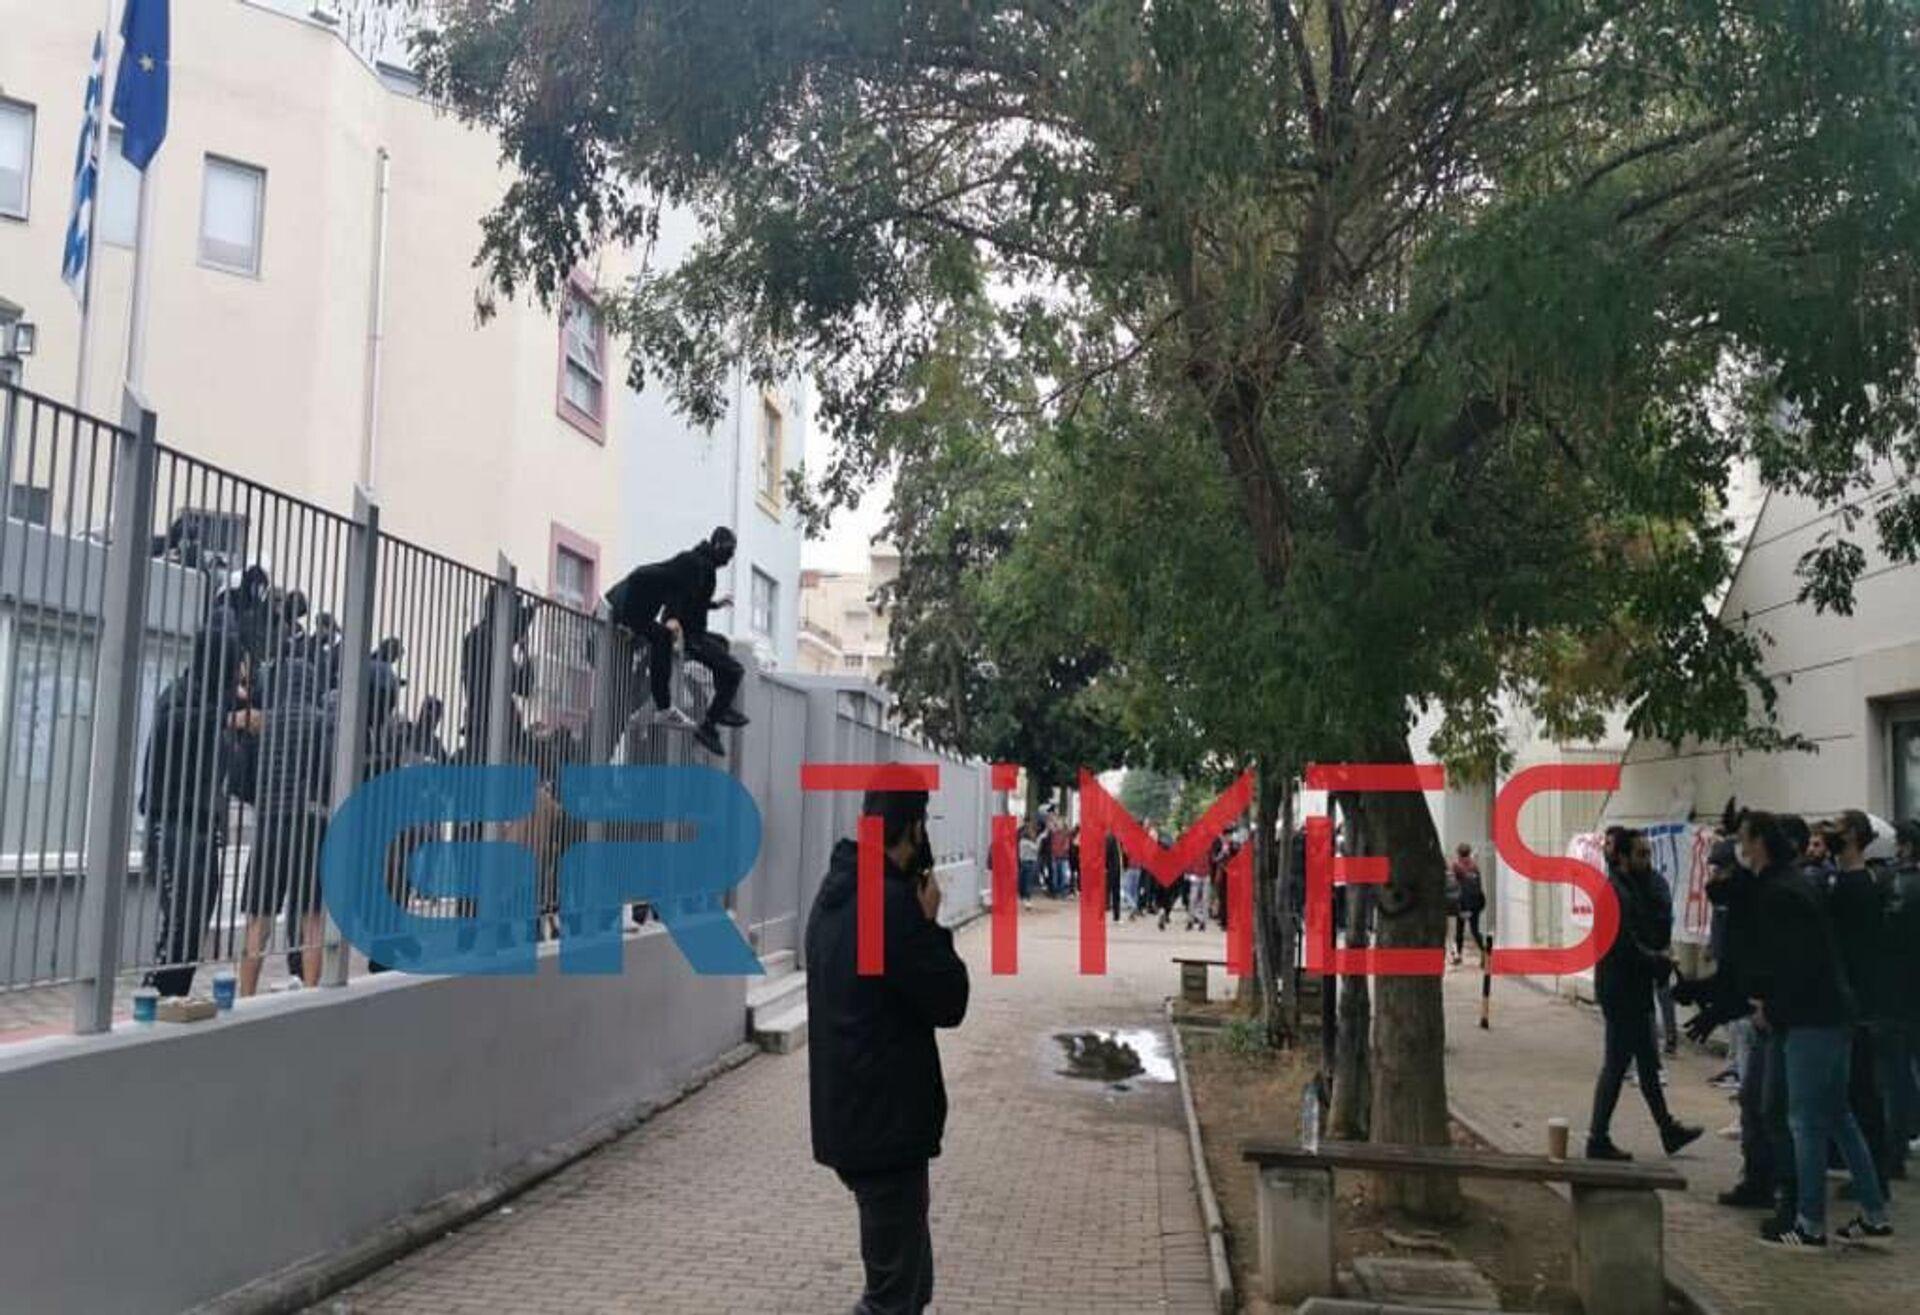 Θεσσαλονίκη: Νέα επεισόδια έξω από το ΕΠΑΛ Σταυρούπολης - Sputnik Ελλάδα, 1920, 29.09.2021